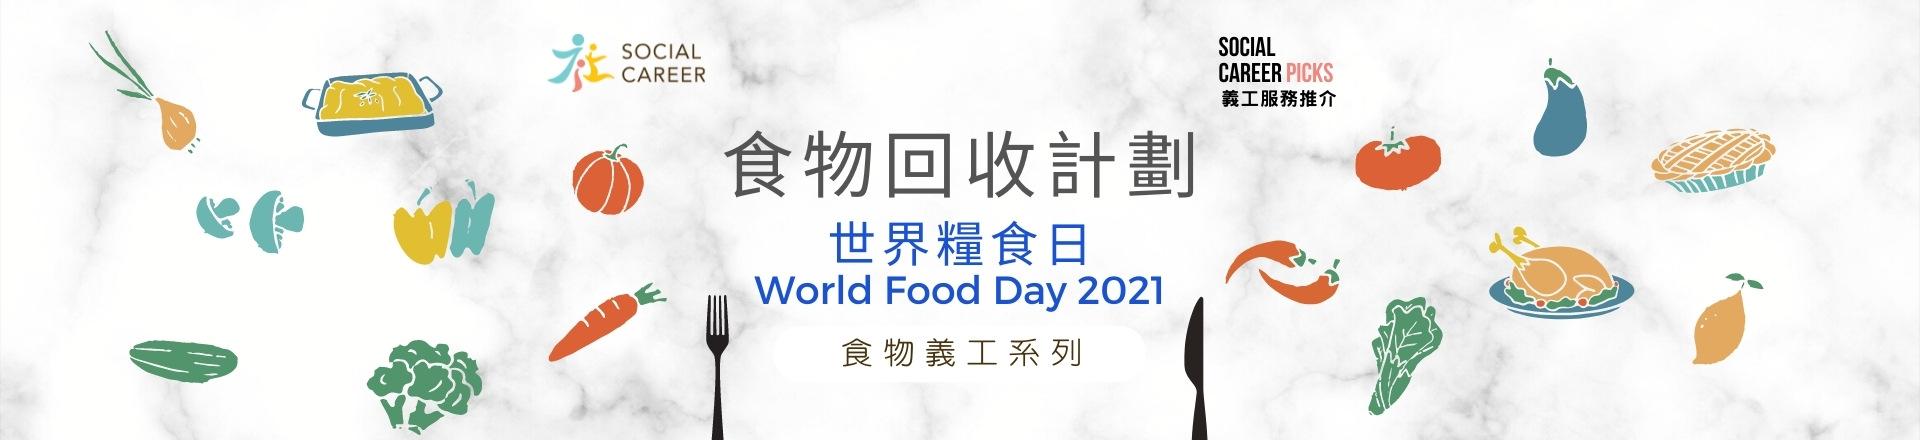 食物回收計劃機構一覽 2021 世界糧食日 World Food Day